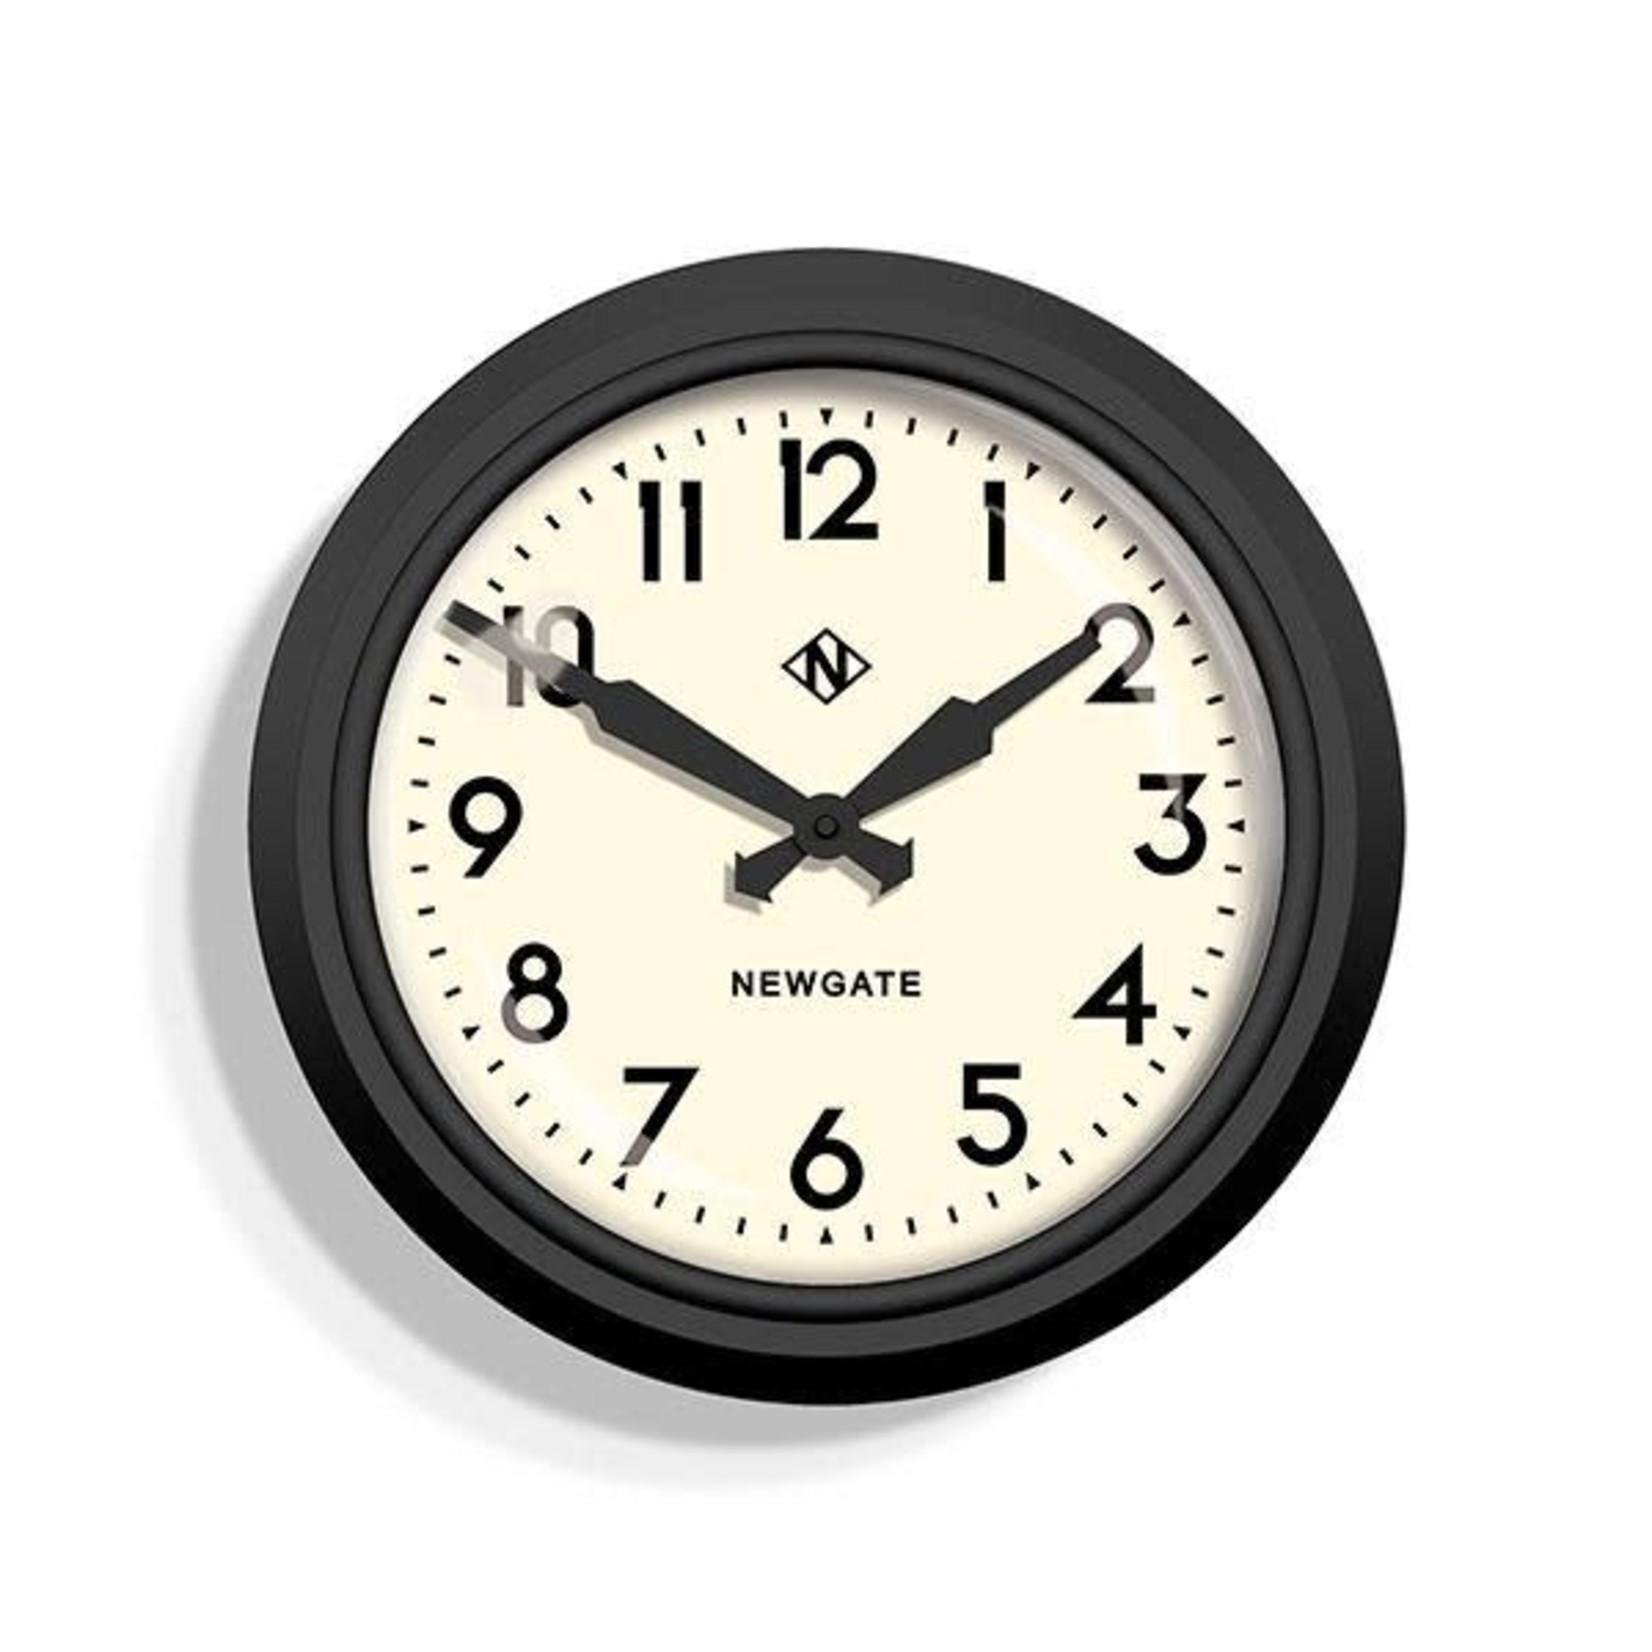 Newgate Newgate The Electric Clock